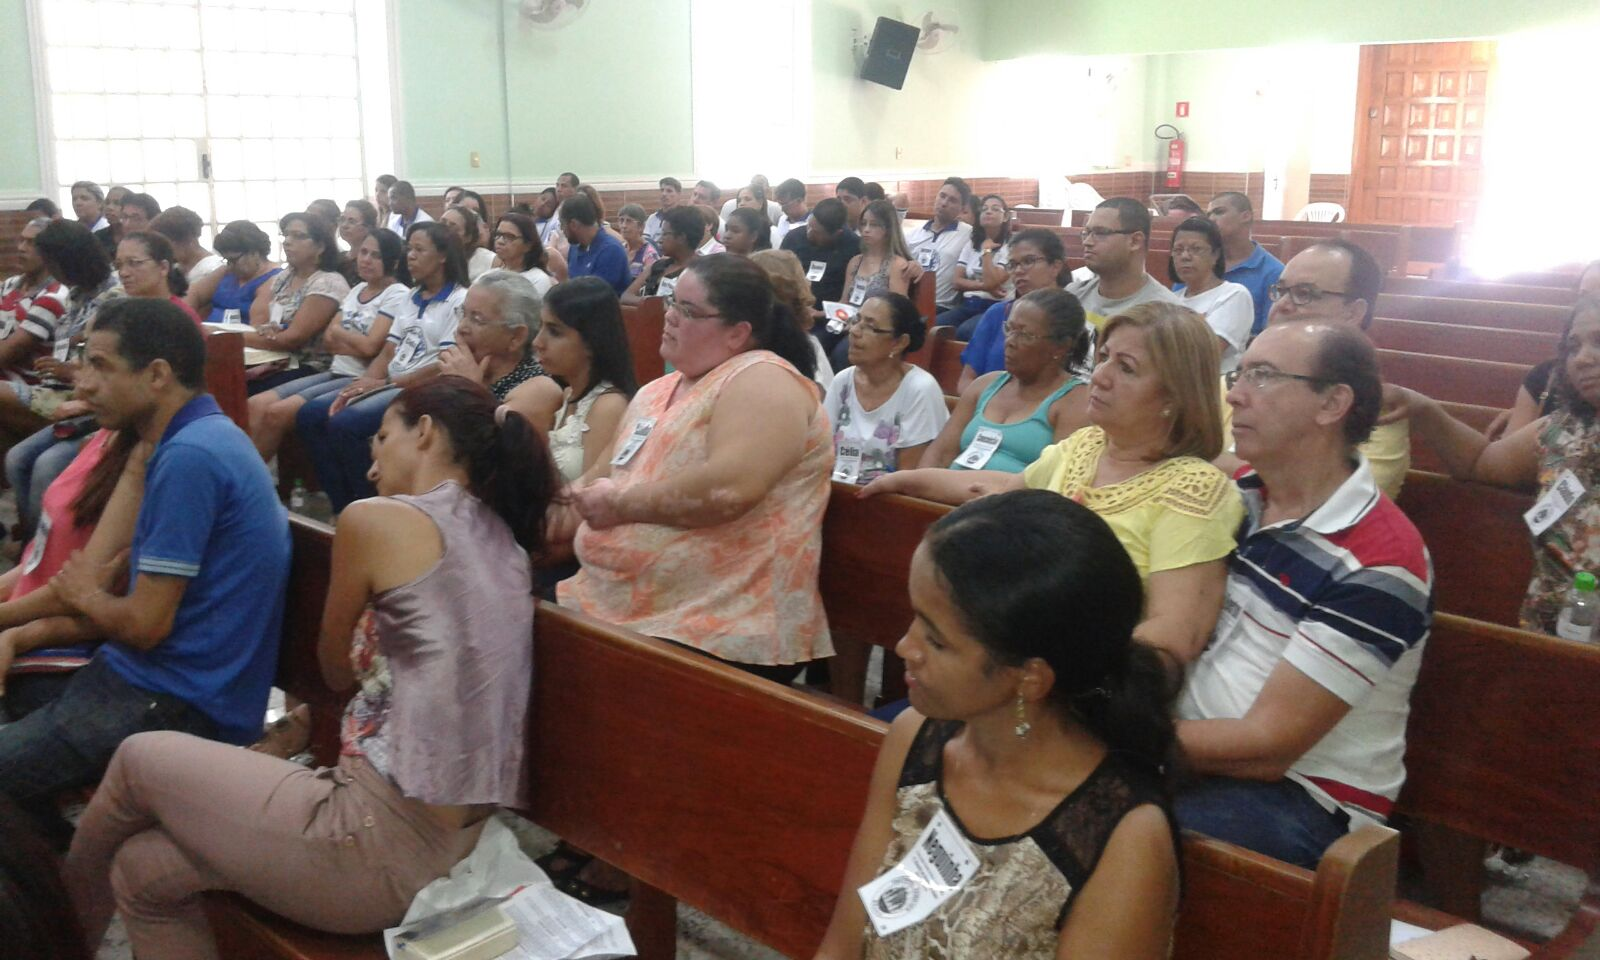 A Pastoral Familiar da Paróquia Santa Helena (GV) promove manhã de espiritualidade